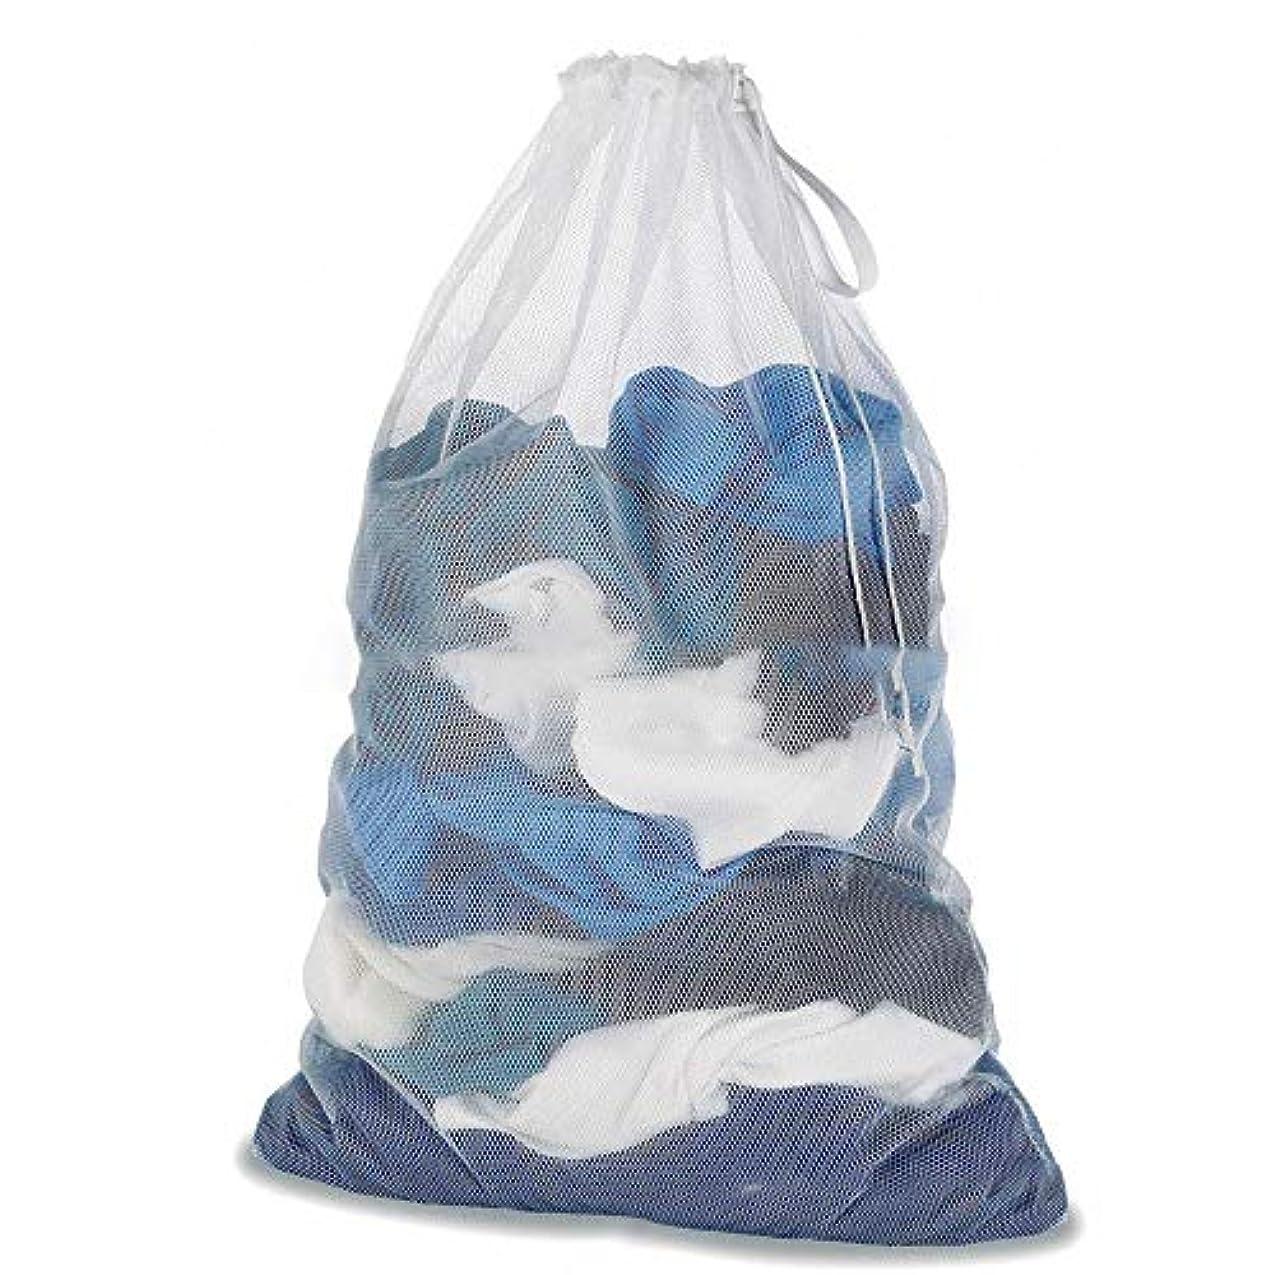 結核ブロック癌赤ん坊の衣服、ドローストリングが付いているジャケットのカーテンのための大きい網の洗濯袋の洗濯袋 (マルチカラー)